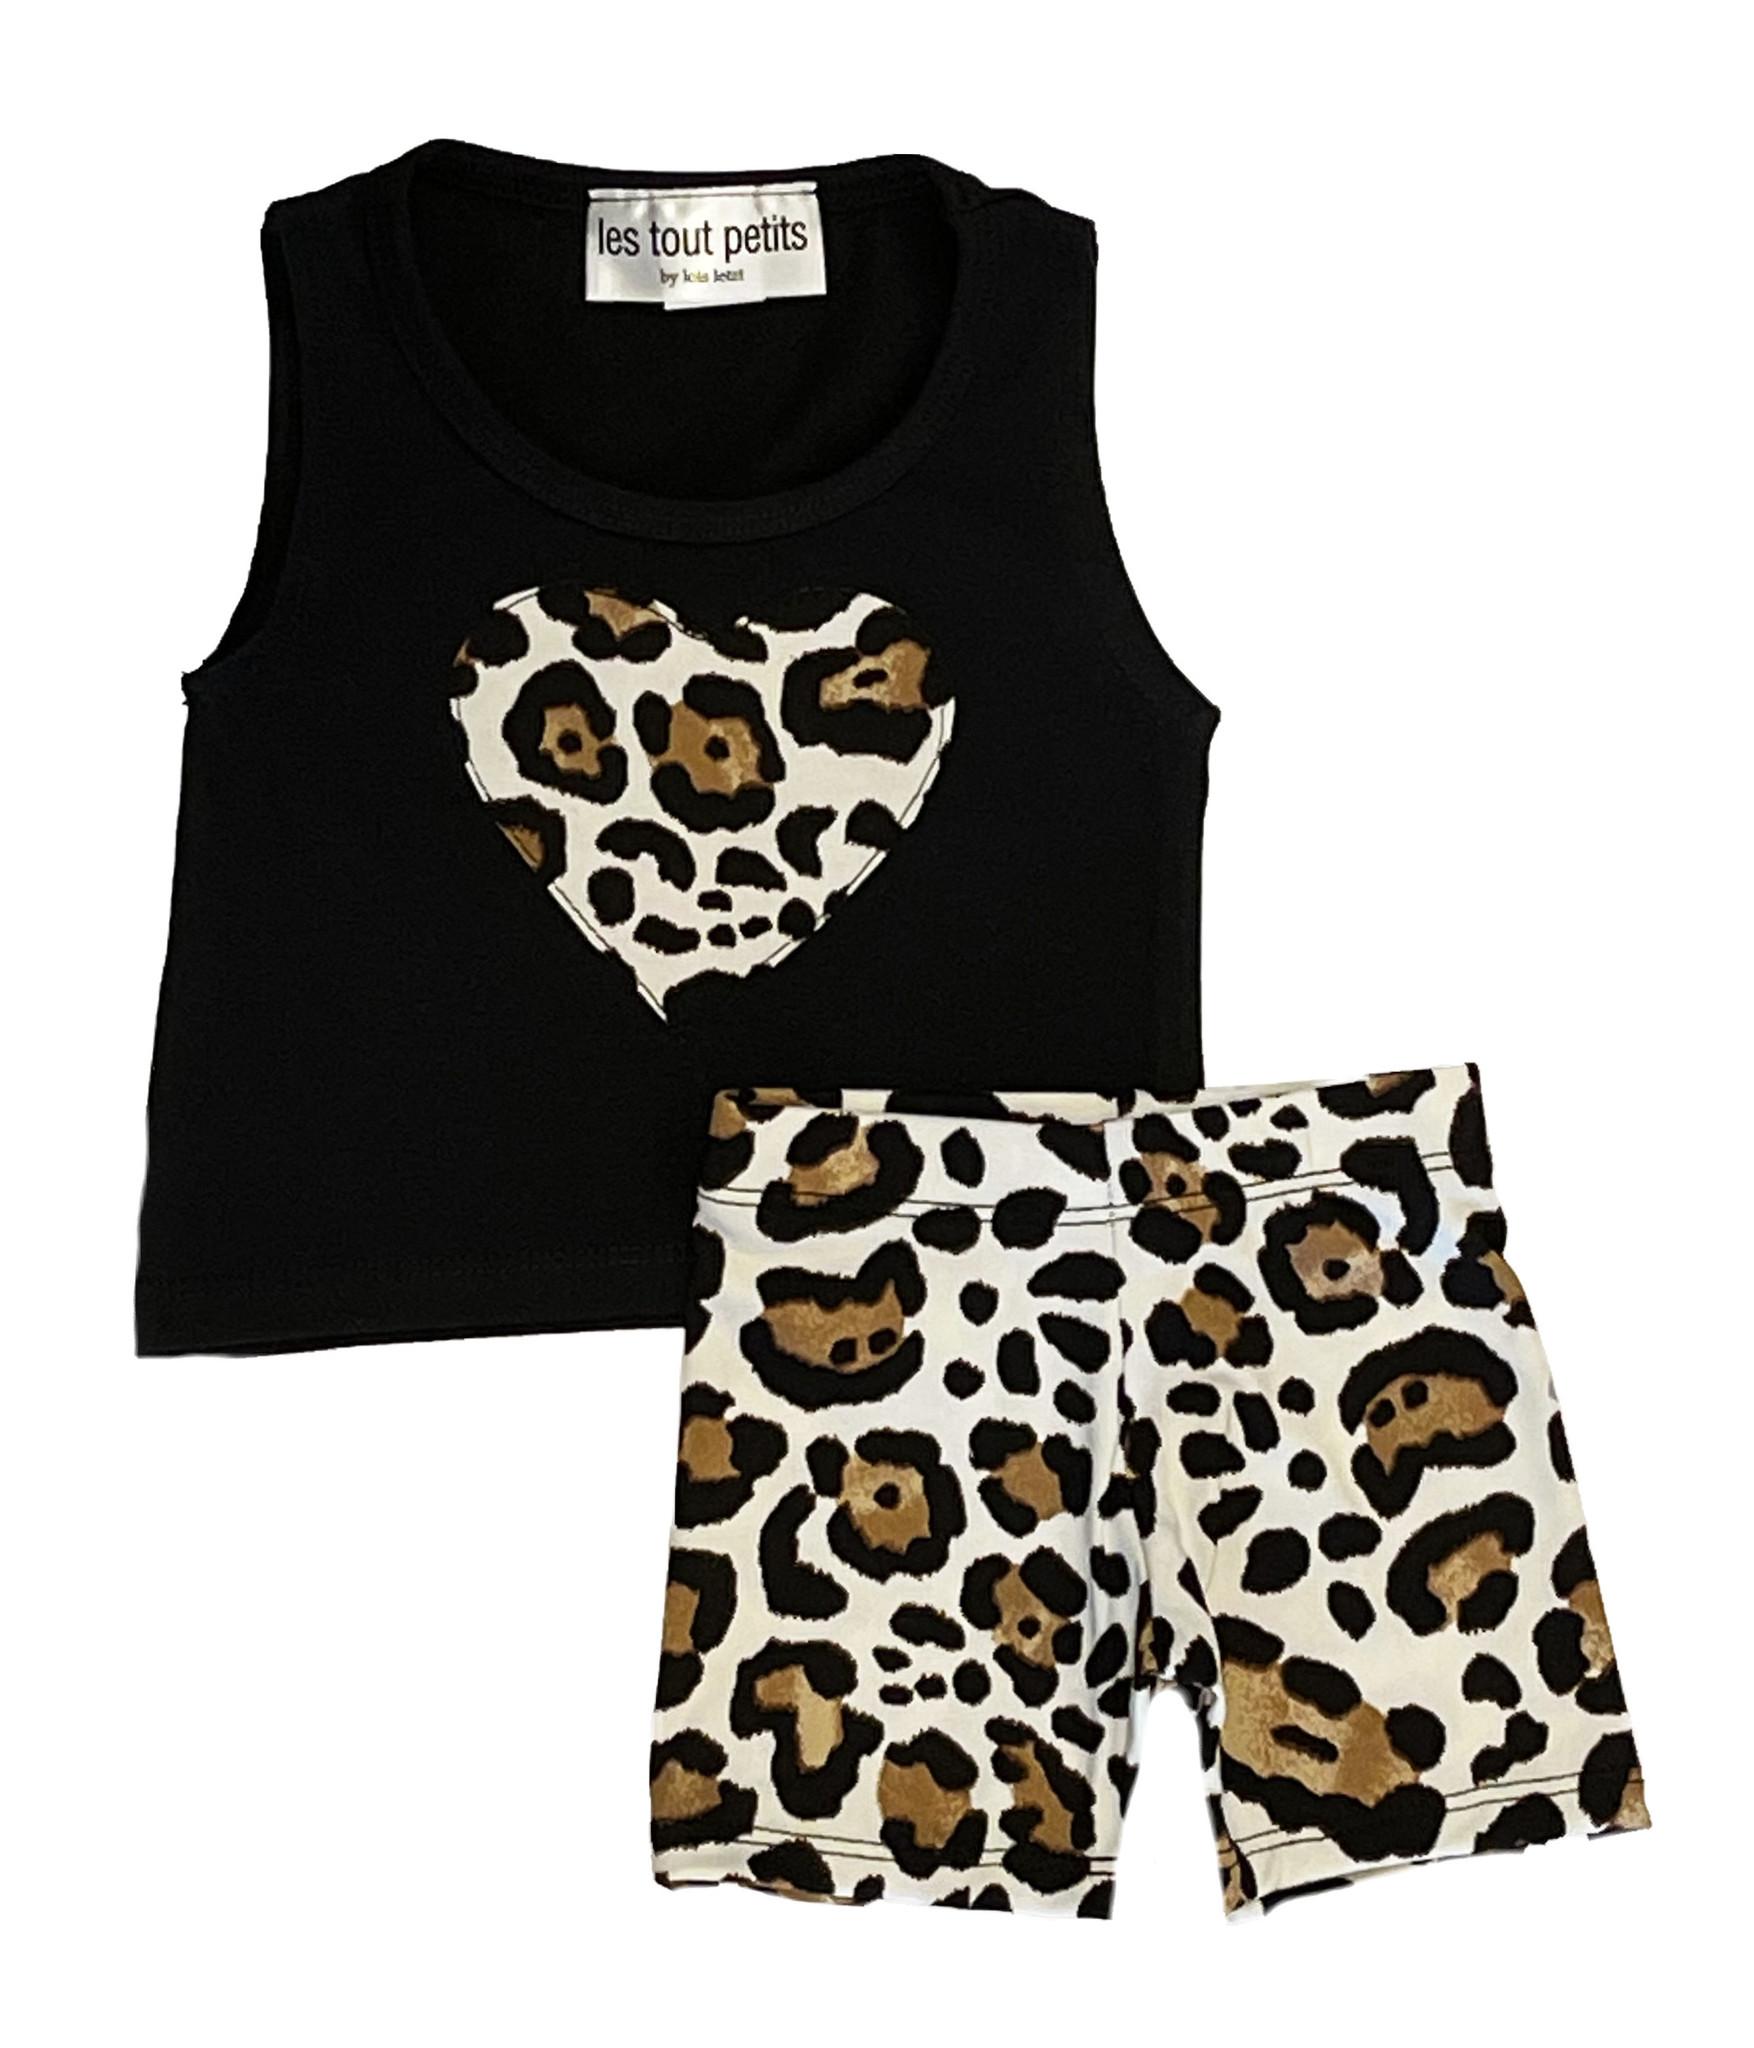 Les Tout Petits Black Leopard Short Set